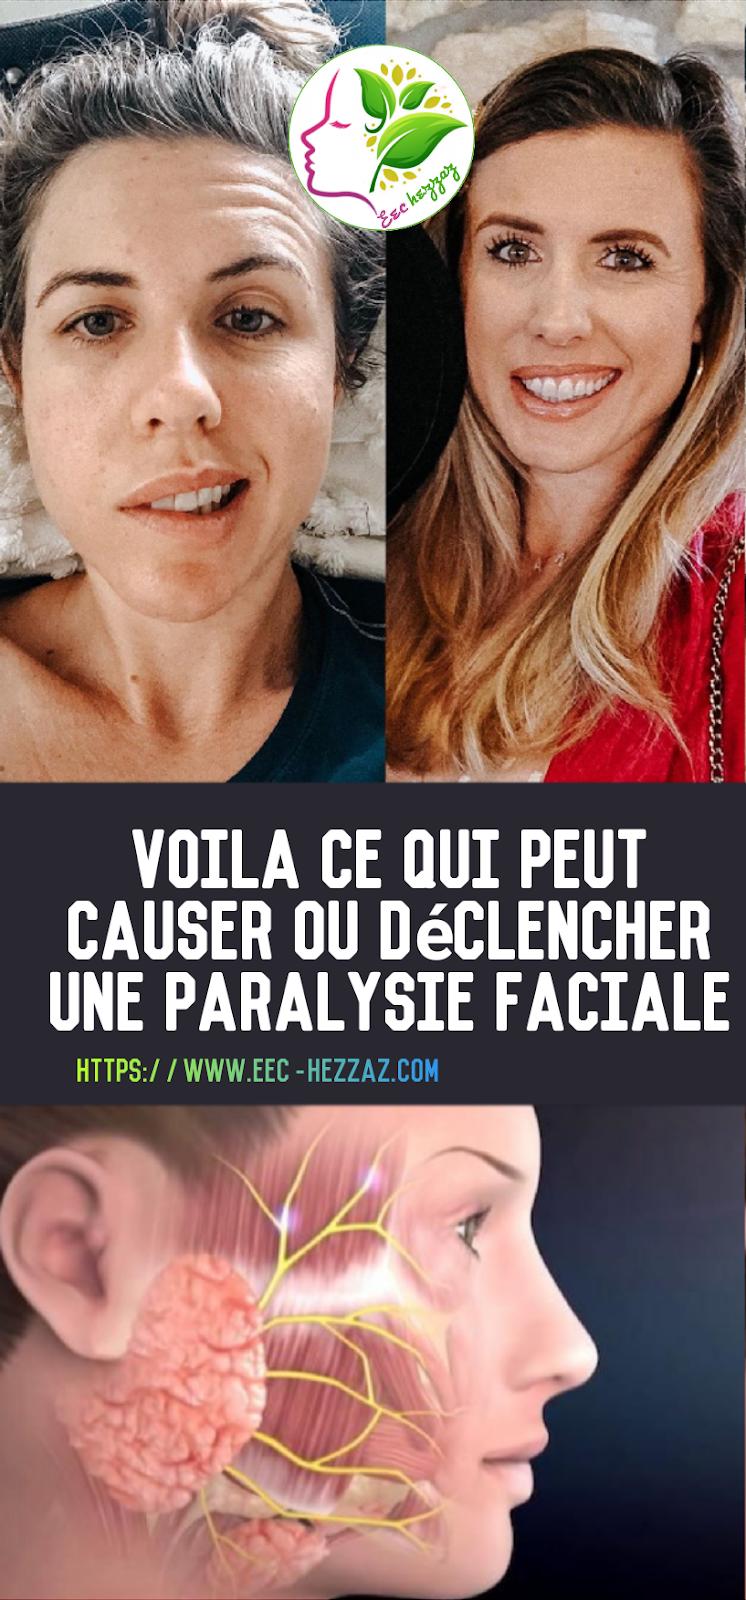 Voila ce qui peut causer ou déclencher une paralysie faciale